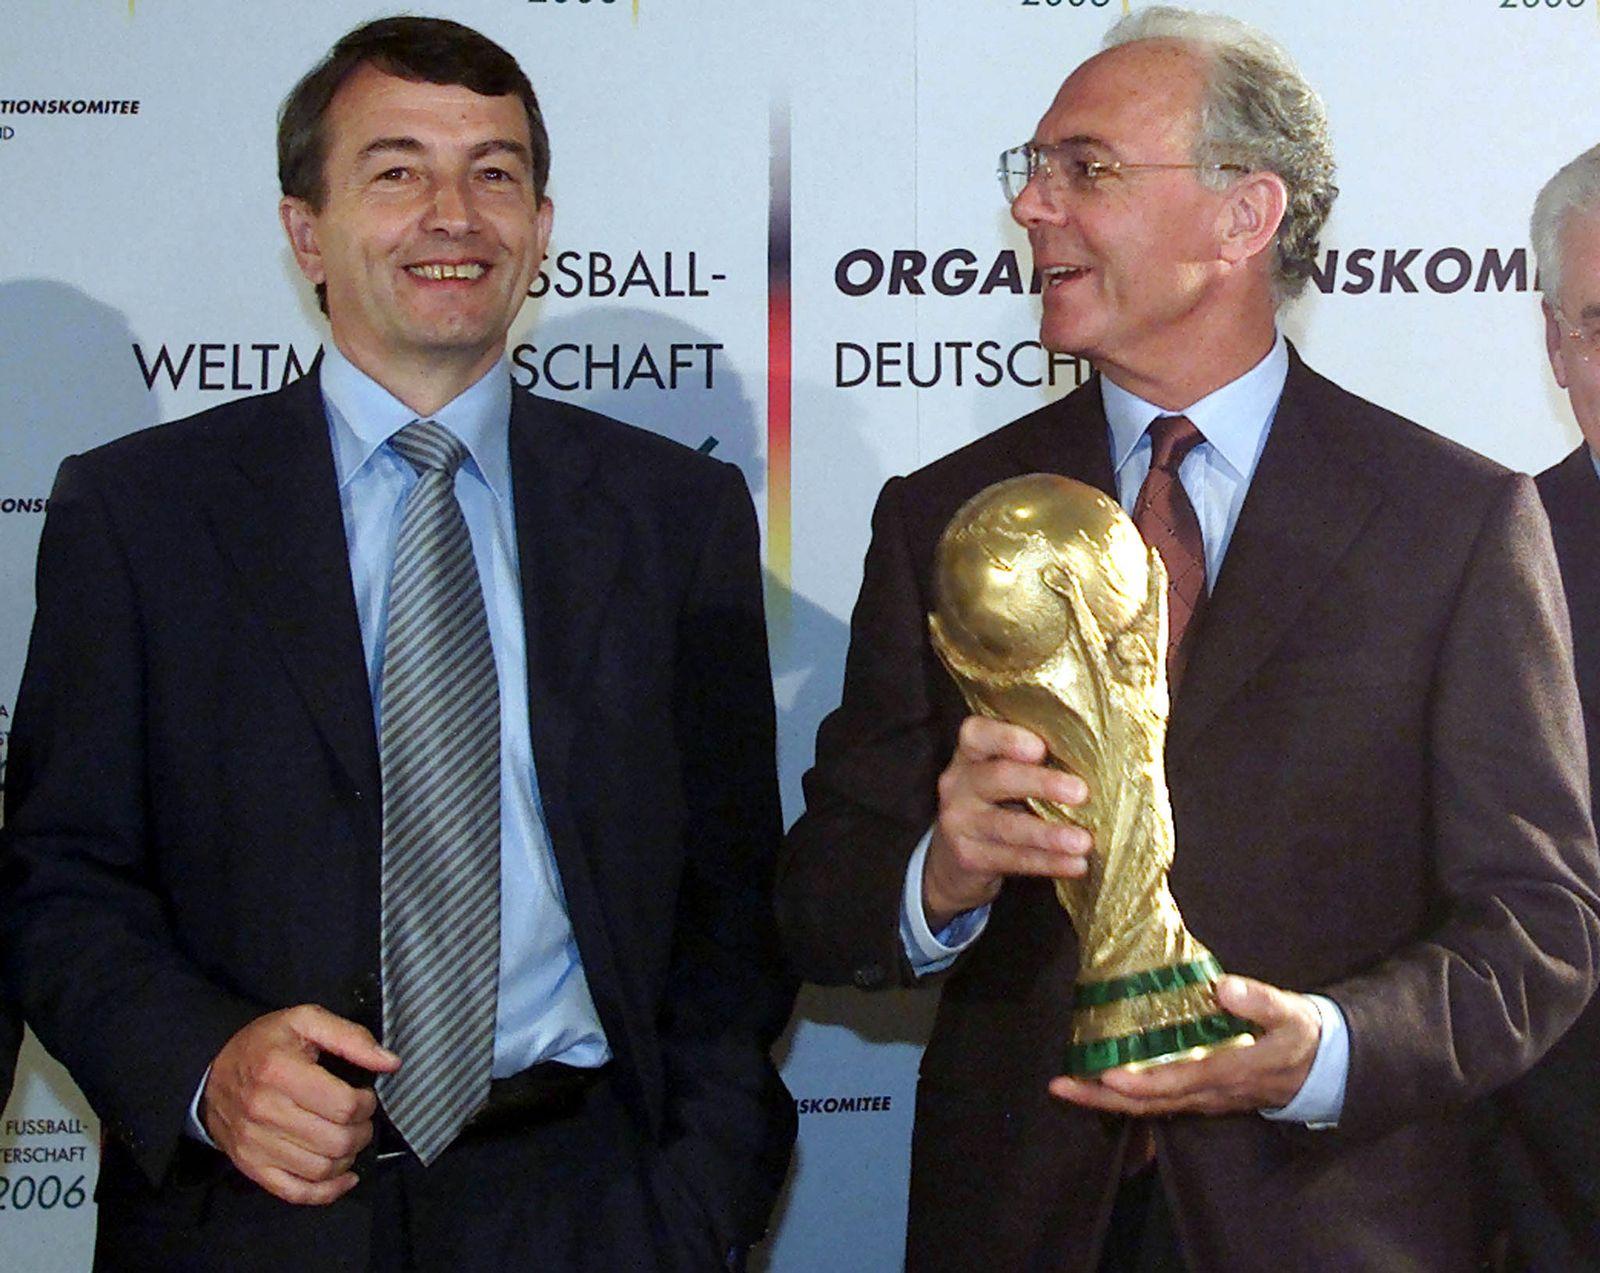 SOCCER-FIFA/GERMANY